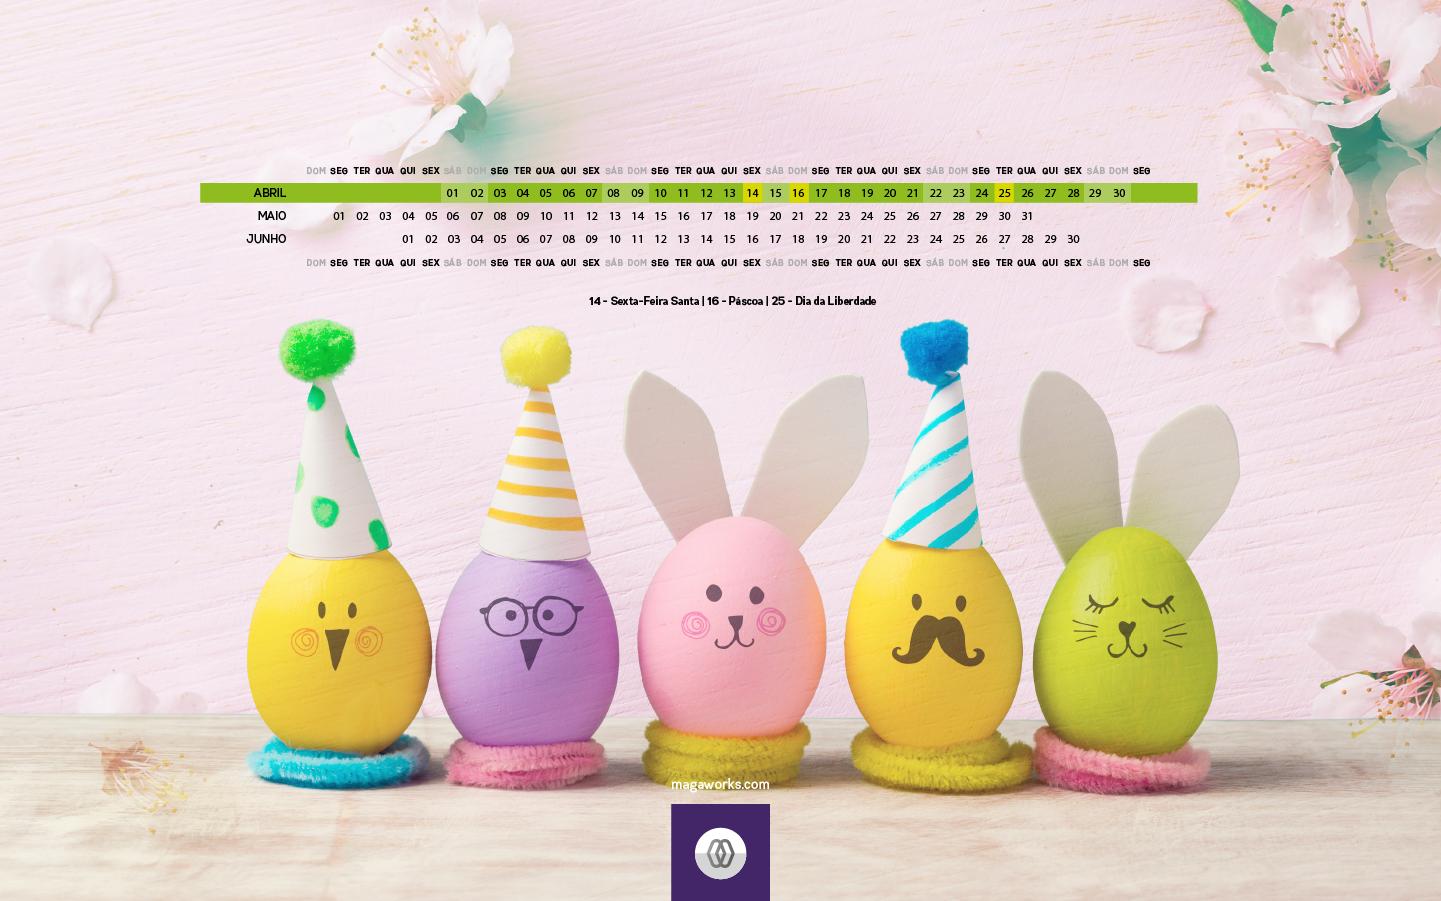 Desktop Abril - 1440x900